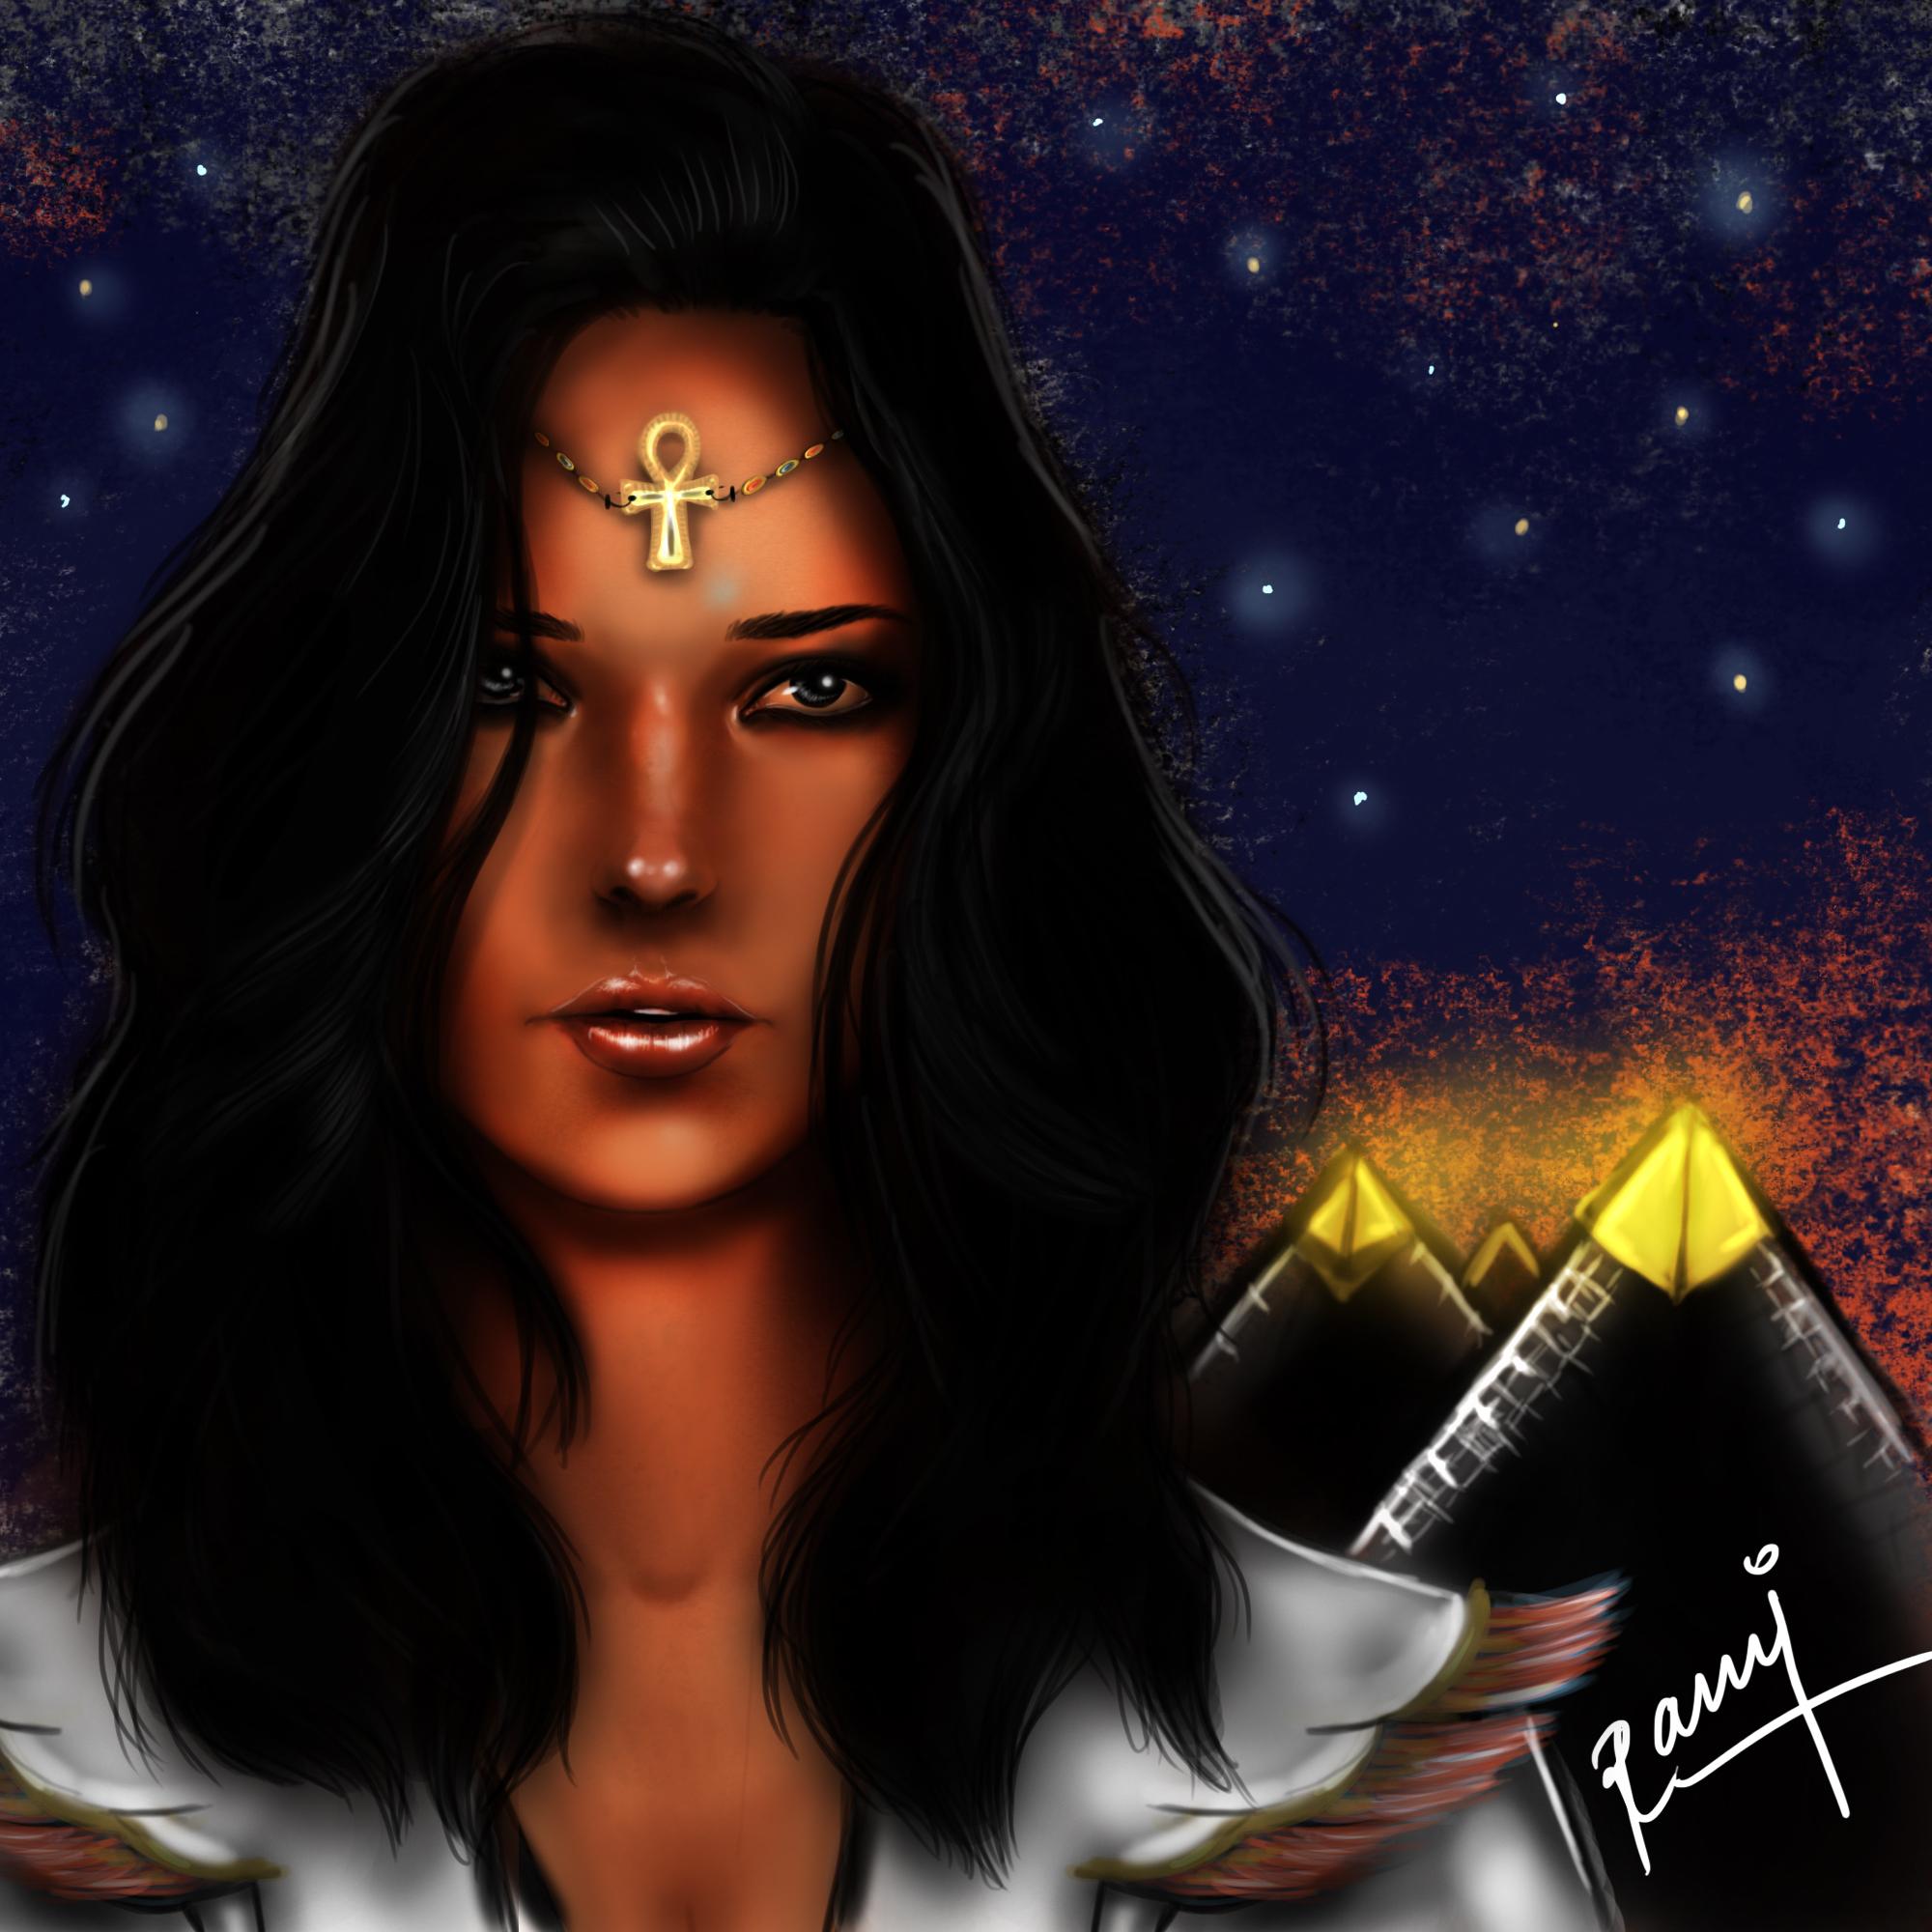 princess of egypt